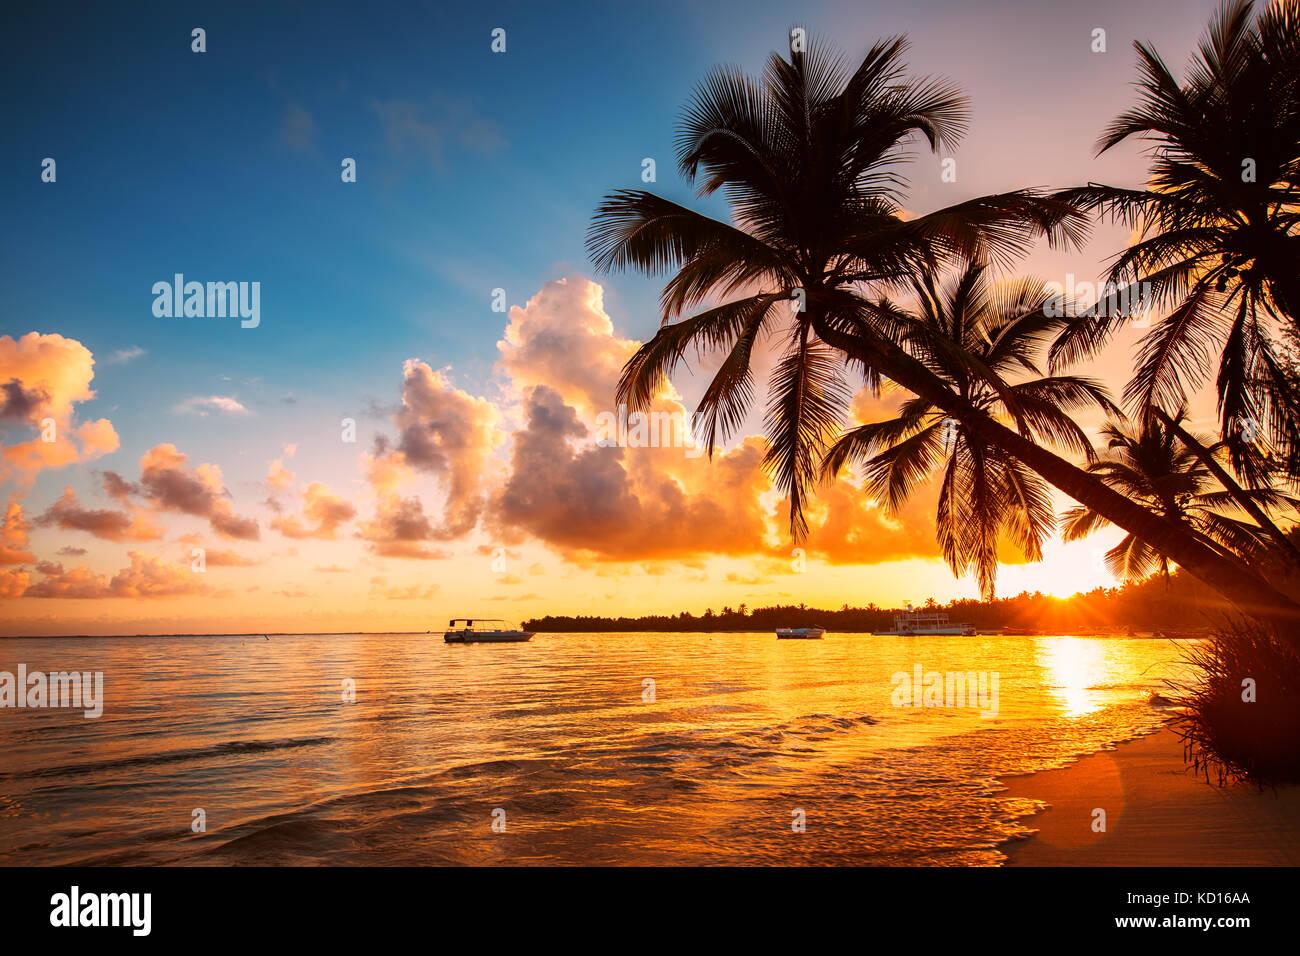 Siluetas de palmeras en la playa tropical, República Dominicana Imagen De Stock